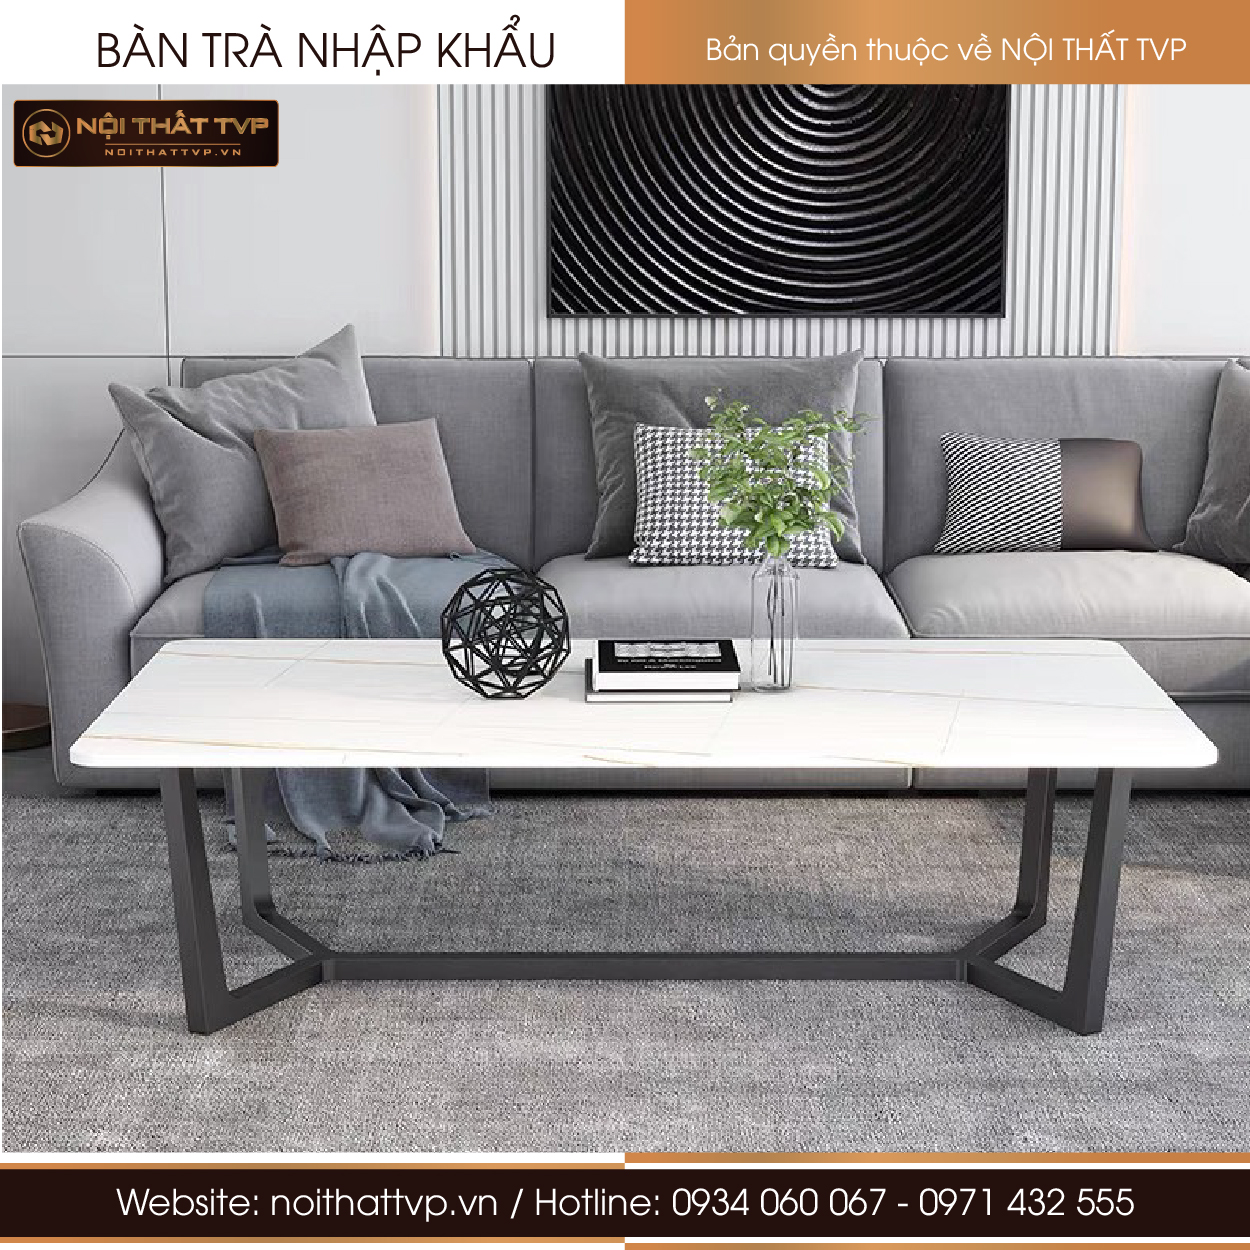 bàn sofa mặt ceramic chân thép sơn tĩnh điện dạng concorde